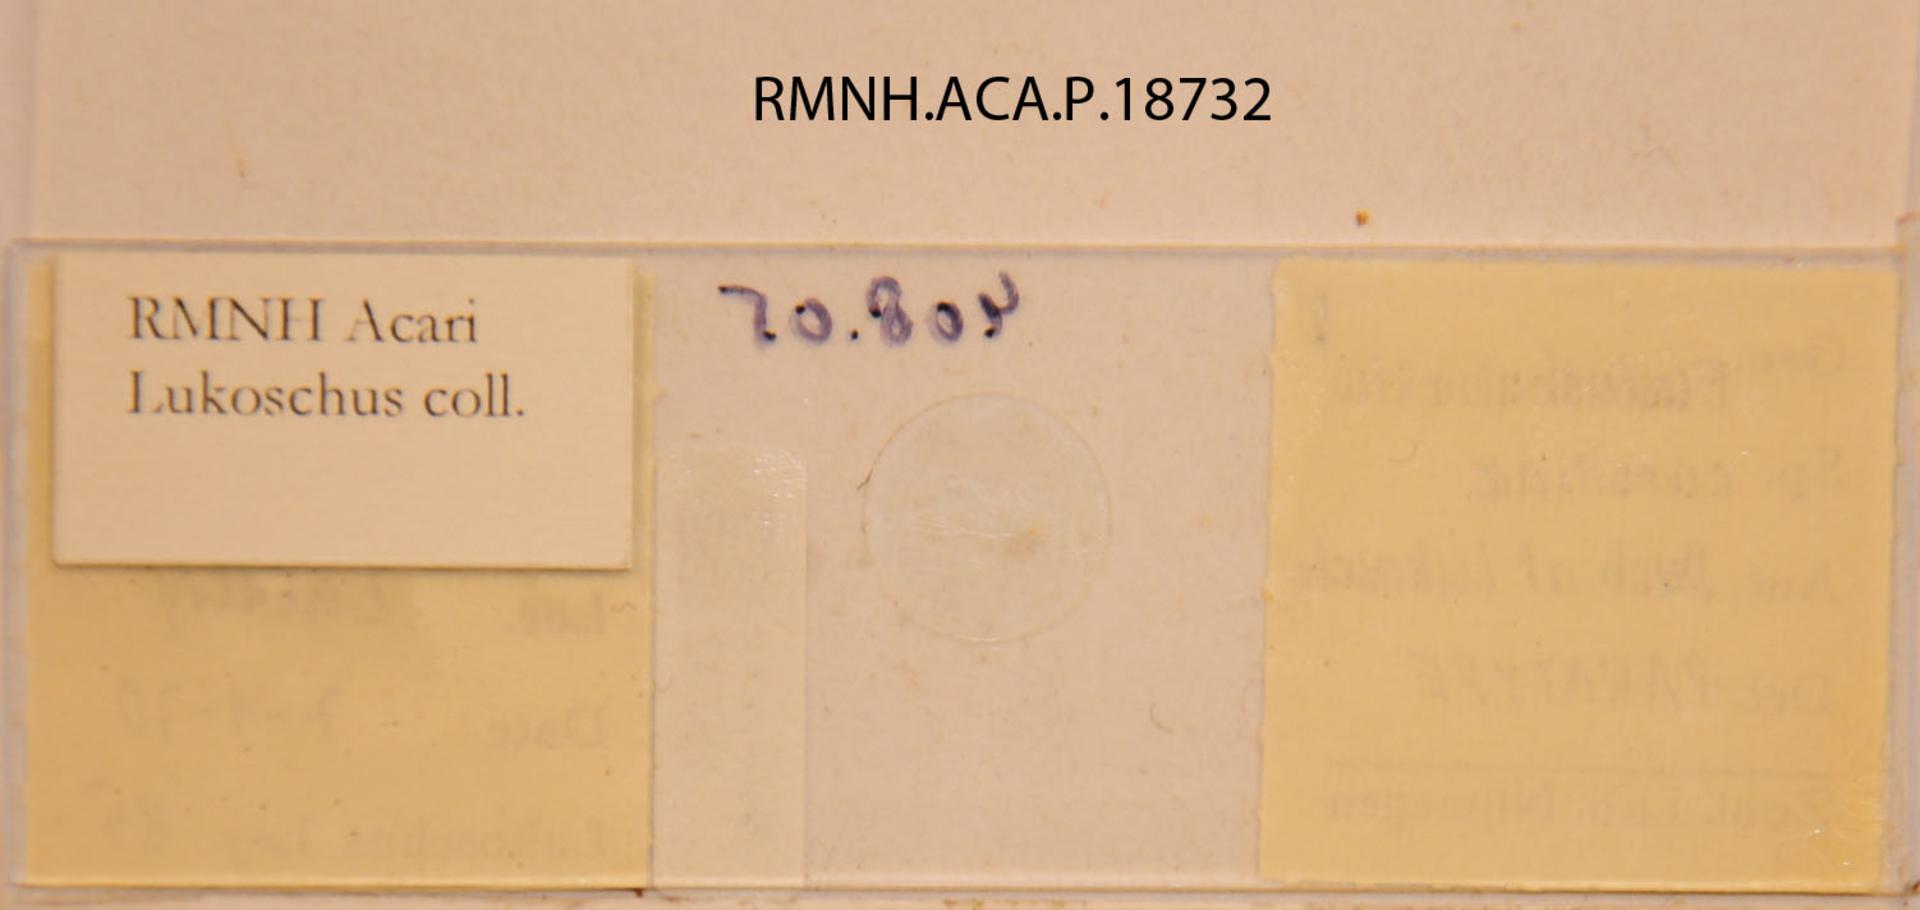 RMNH.ACA.P.18732 | Eudusbabekia carolliae Dusbábek & Lukoschus